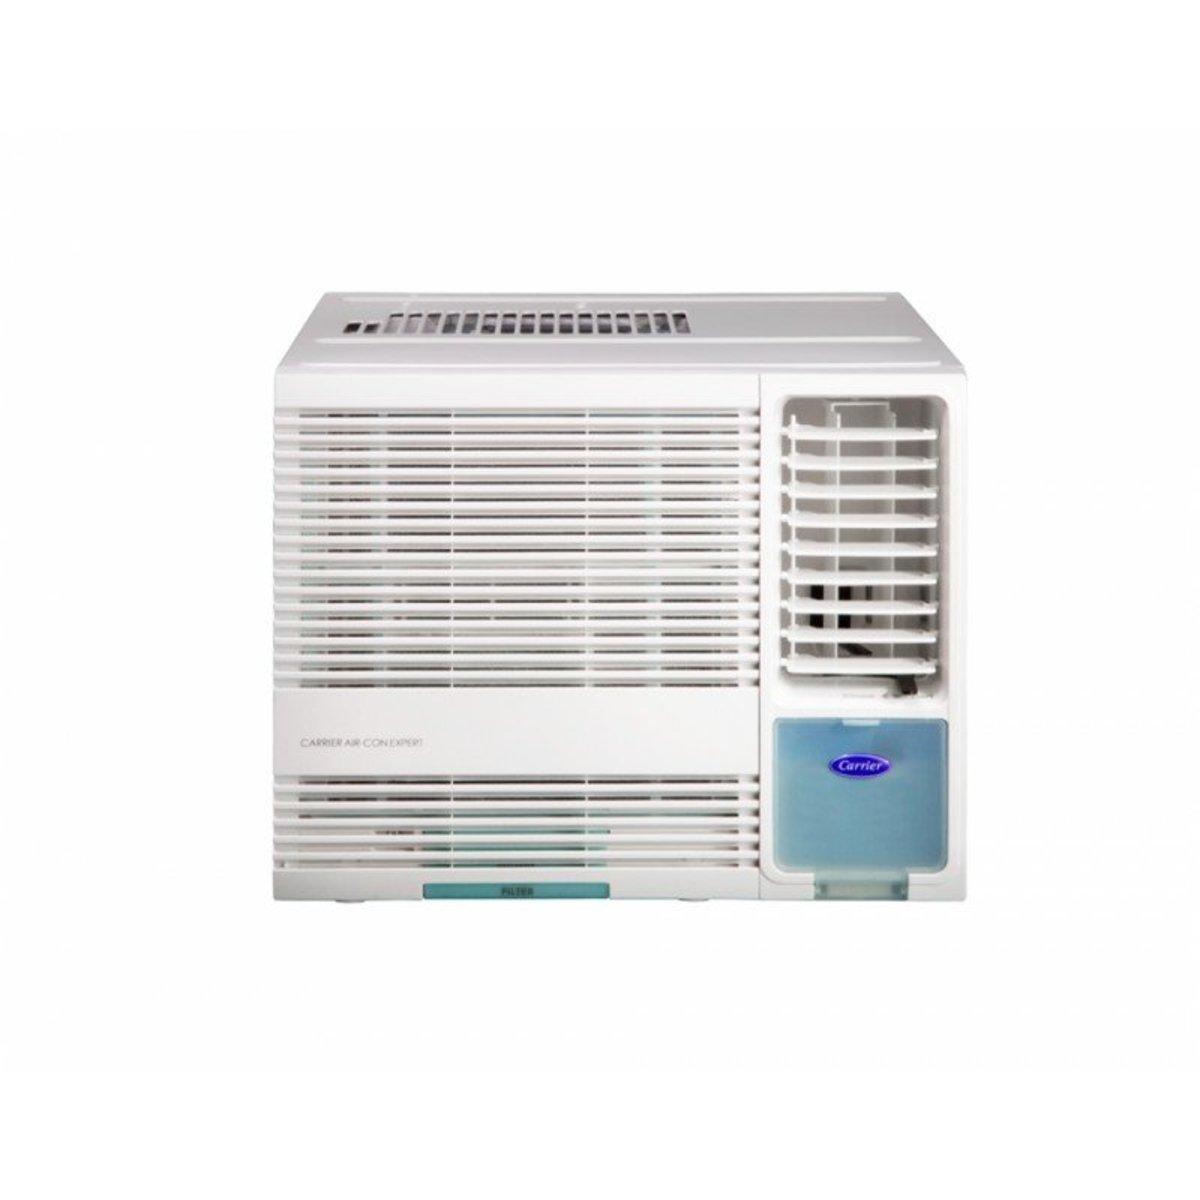 開利 CHK07LNE  3/4匹窗口式冷氣機 [淨冷型]